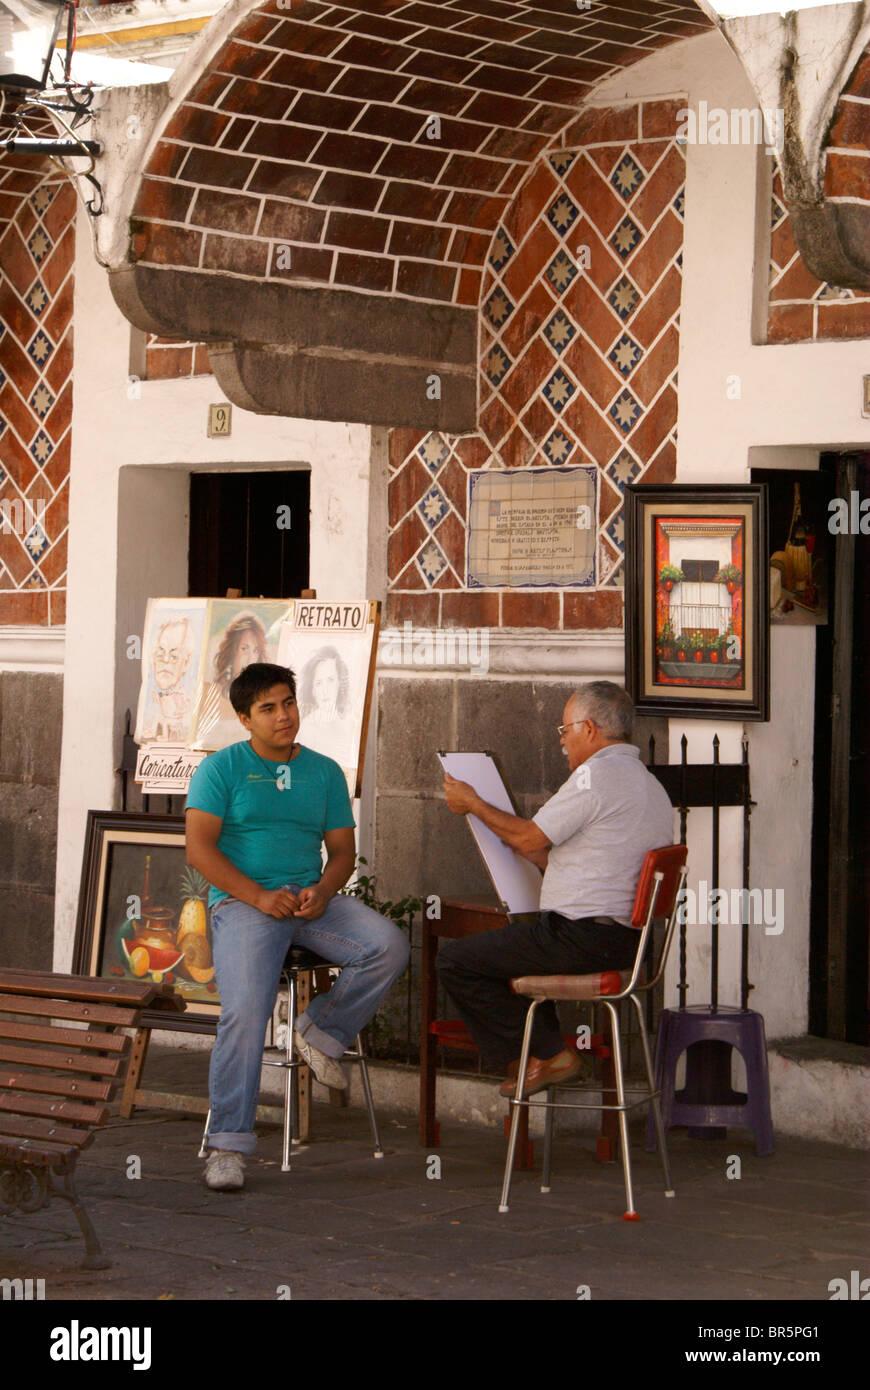 Artista il disegno di un giovane di ritratto, Barrio del artista o artista trimestre nella città di Puebla, Immagini Stock